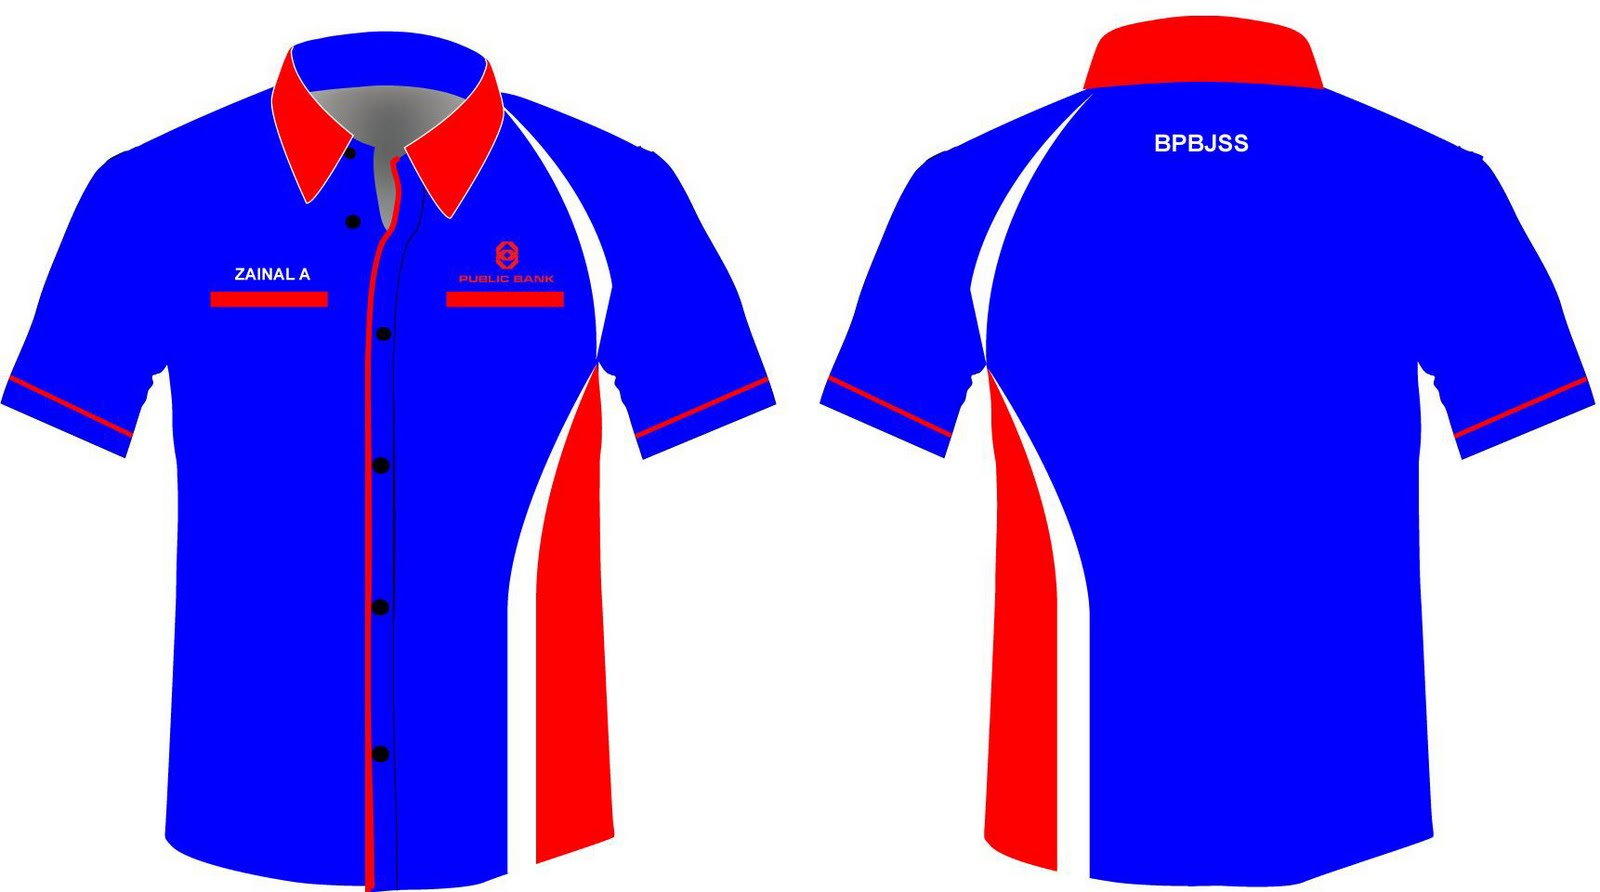 Corporat uniform public bank corporate shirts for Polo shirt uniform design